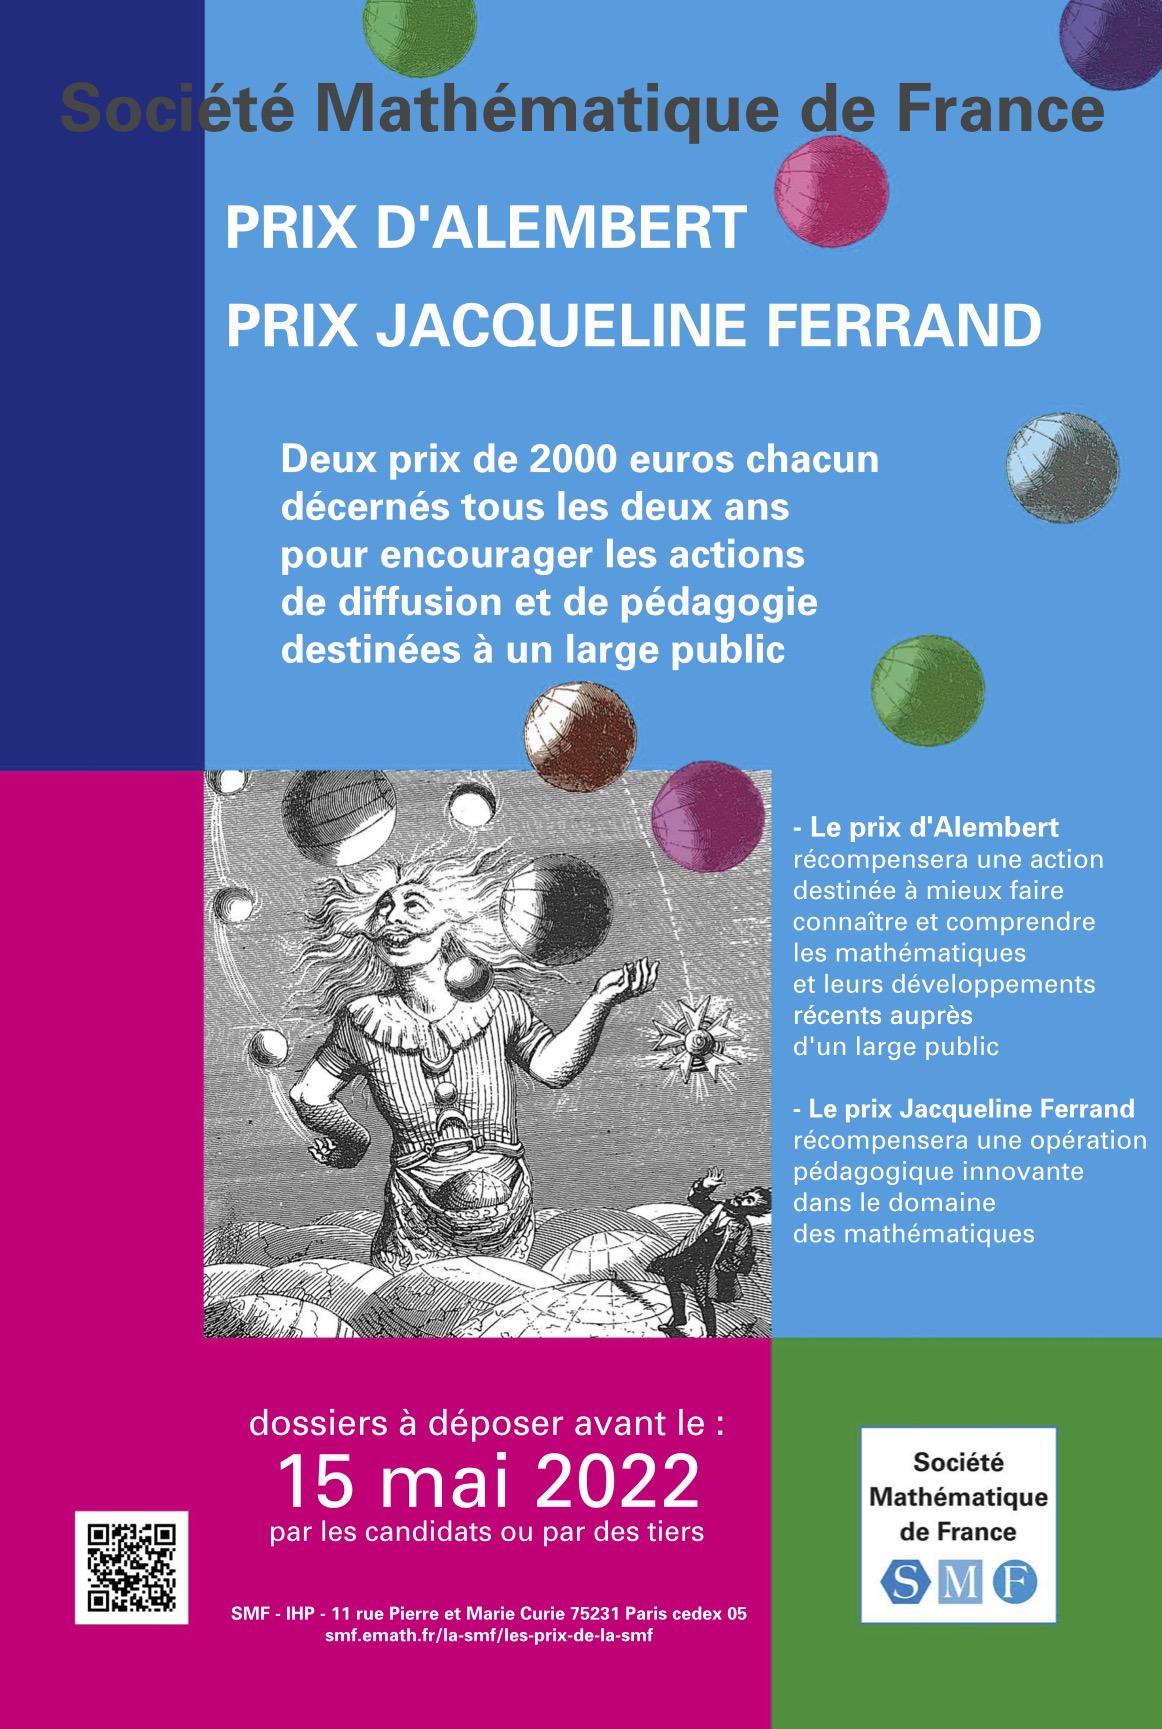 Appel à candidature Prix d'Alembert et Prix Jacqueline Ferrand